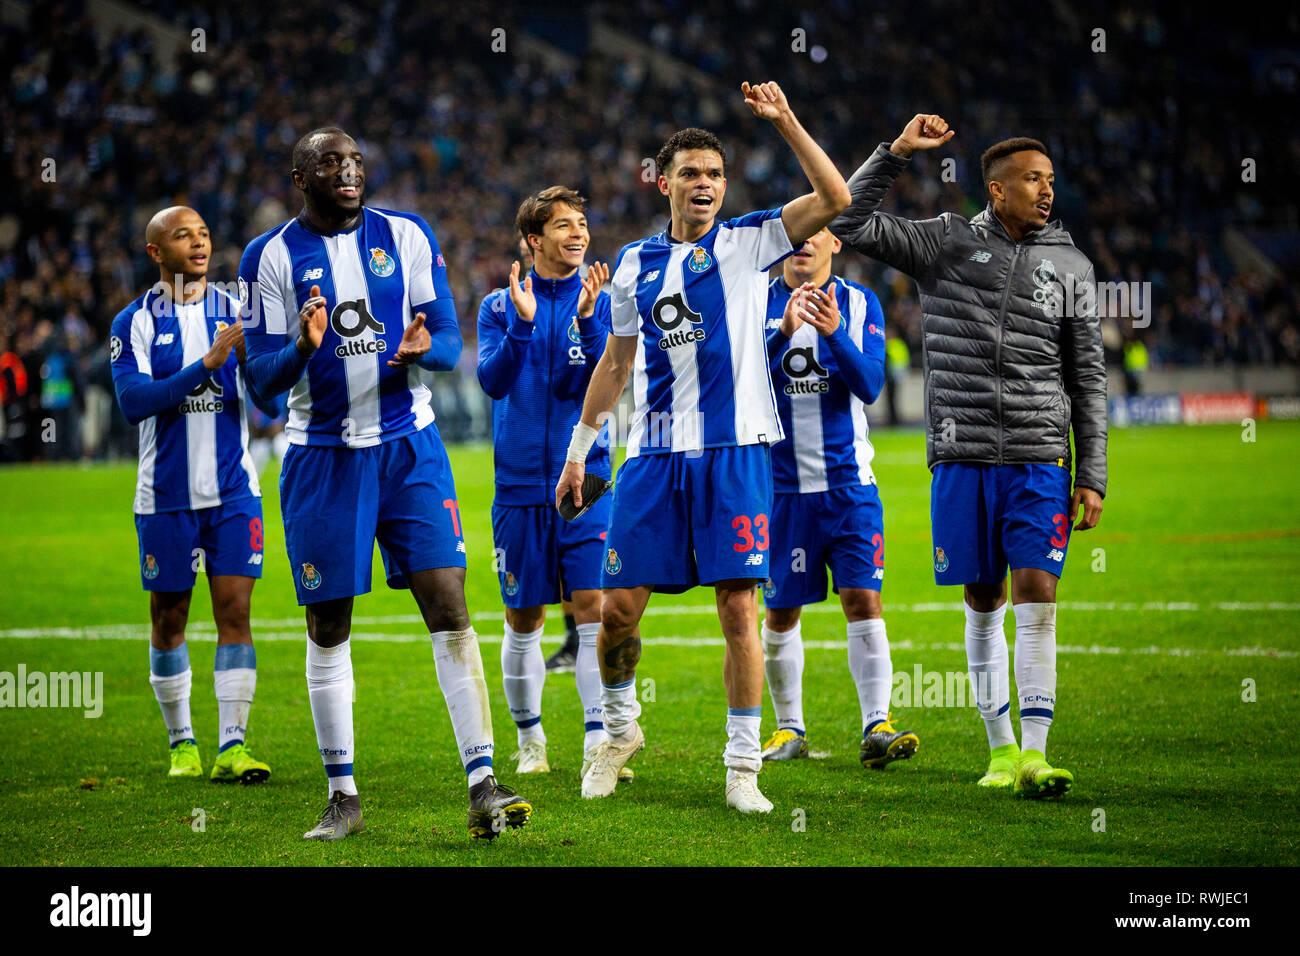 reputable site 98fd5 40fc6 Porto, Portugal. 06th Mar, 2019. FC Porto Team celebrates ...